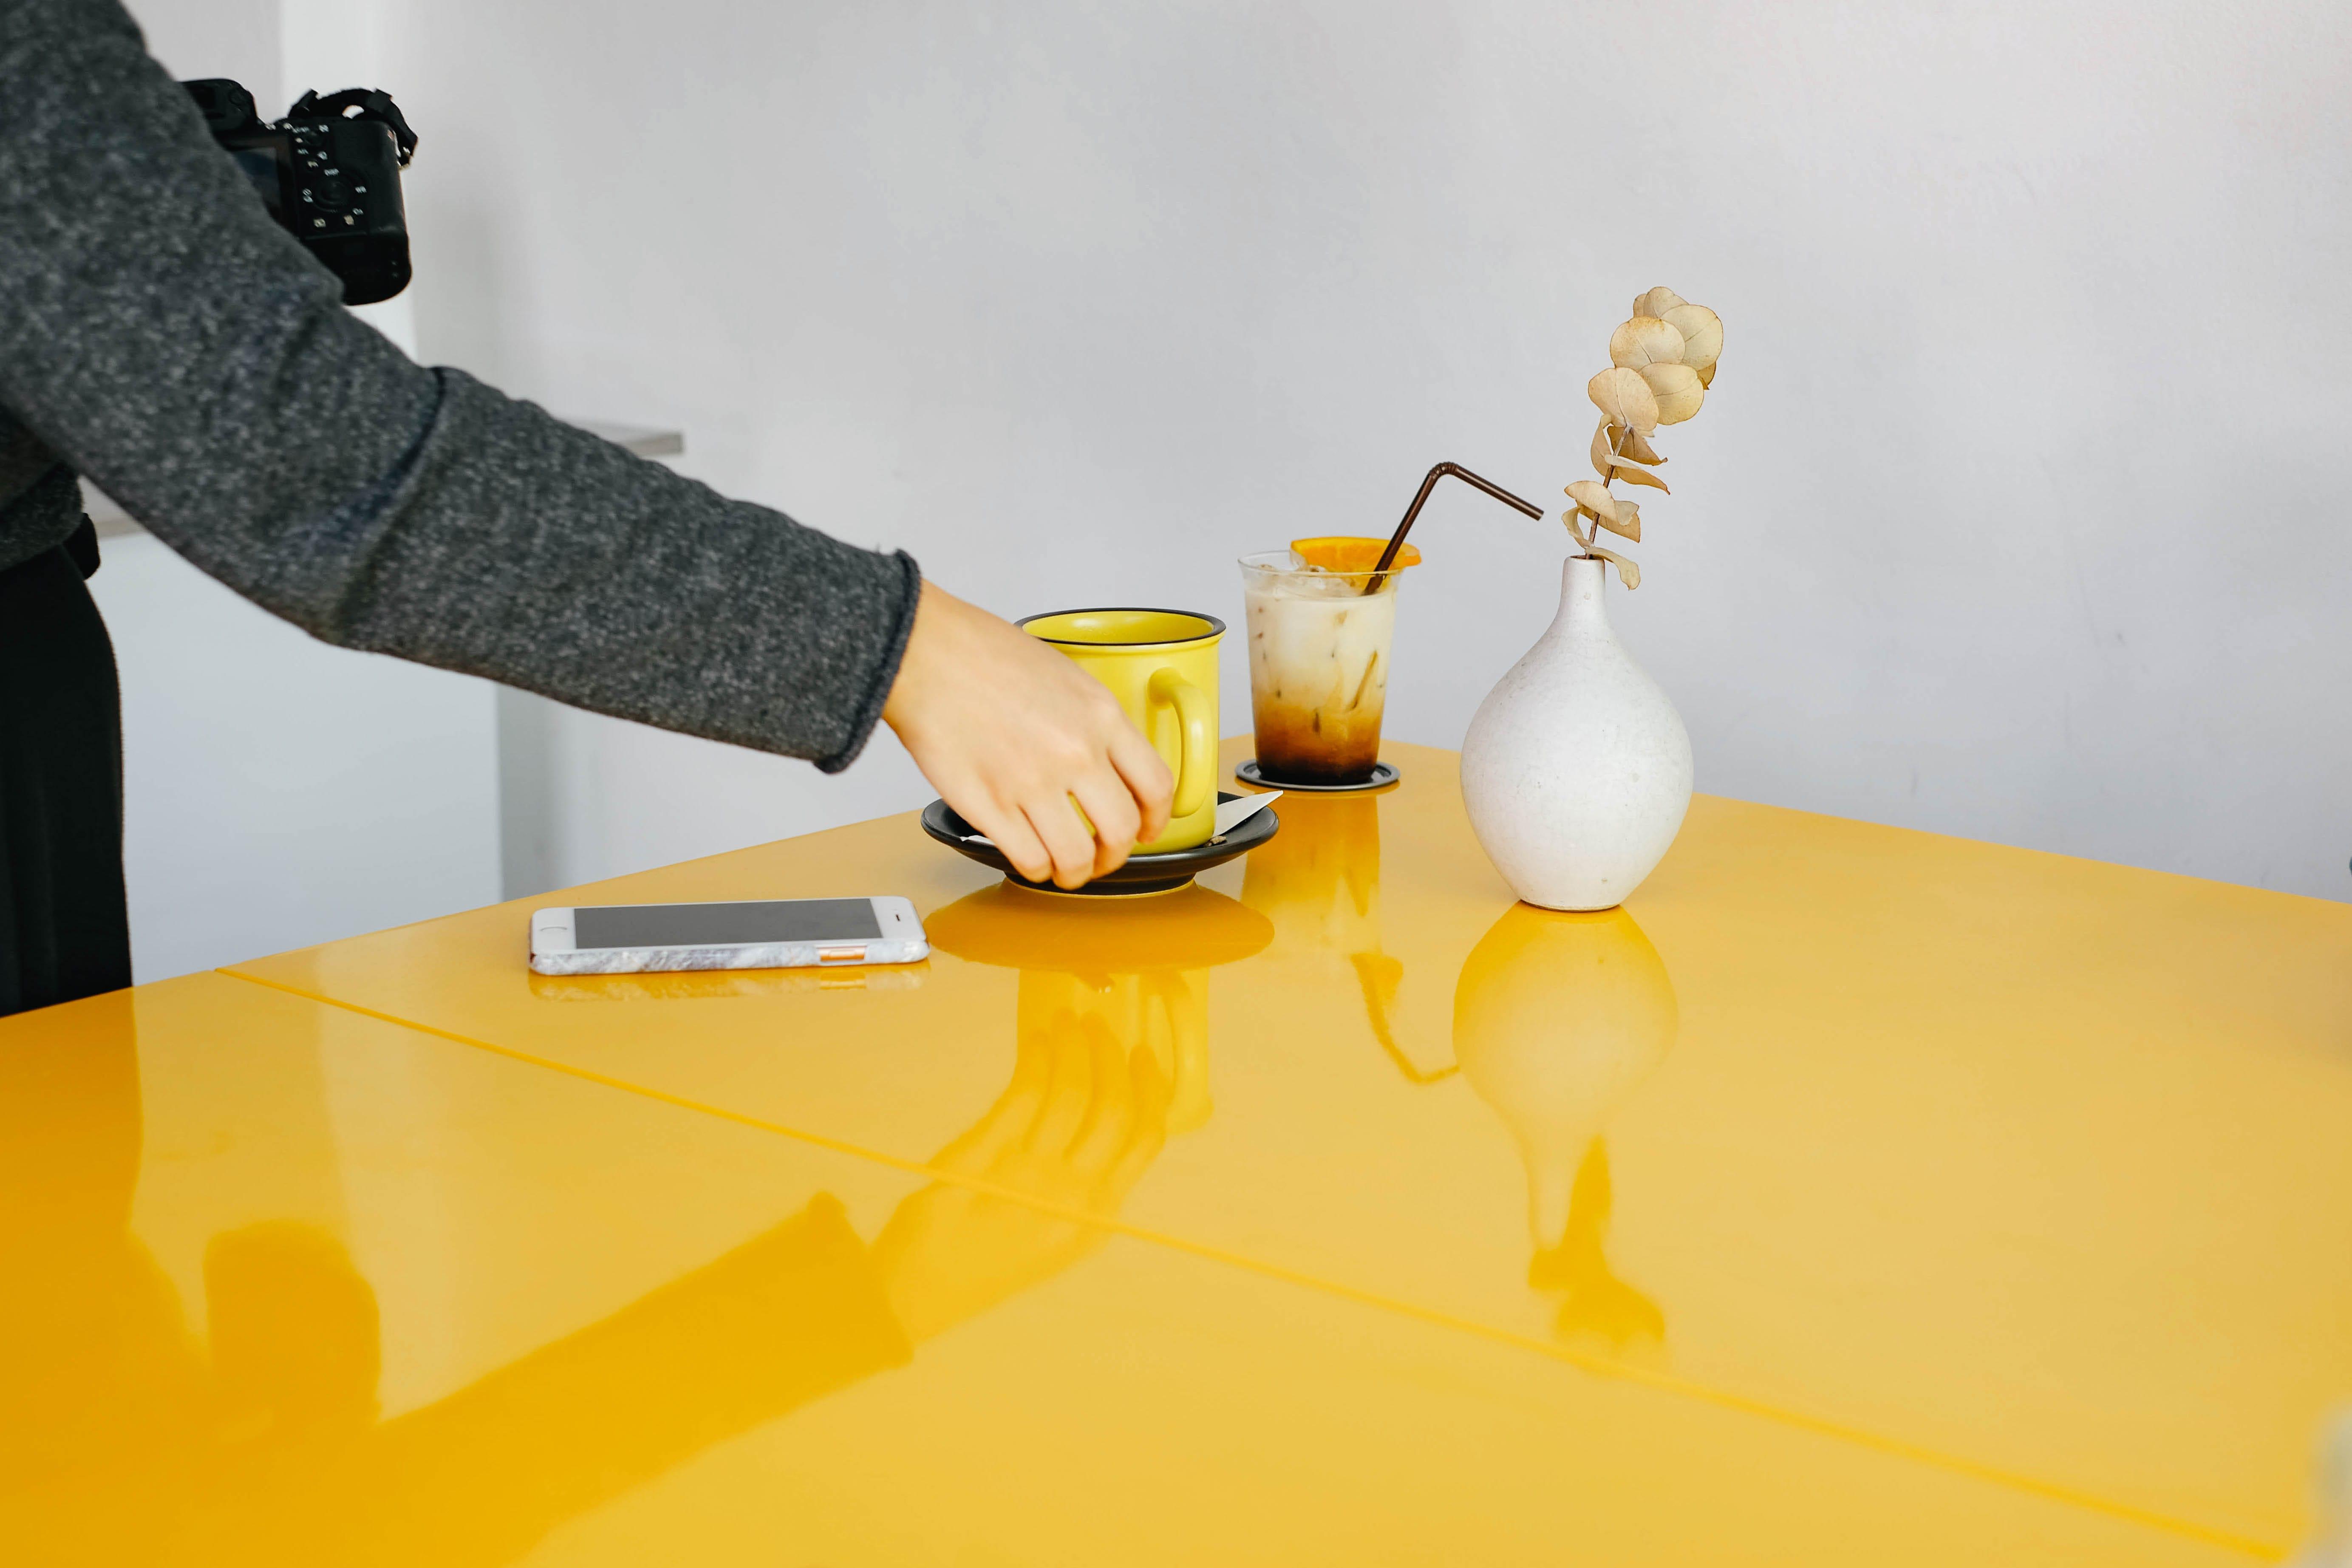 ぜったい写真が撮りたくなるチェンマイのおしゃれカフェ「Yellow Crafts(イエロークラフト)」|タイ